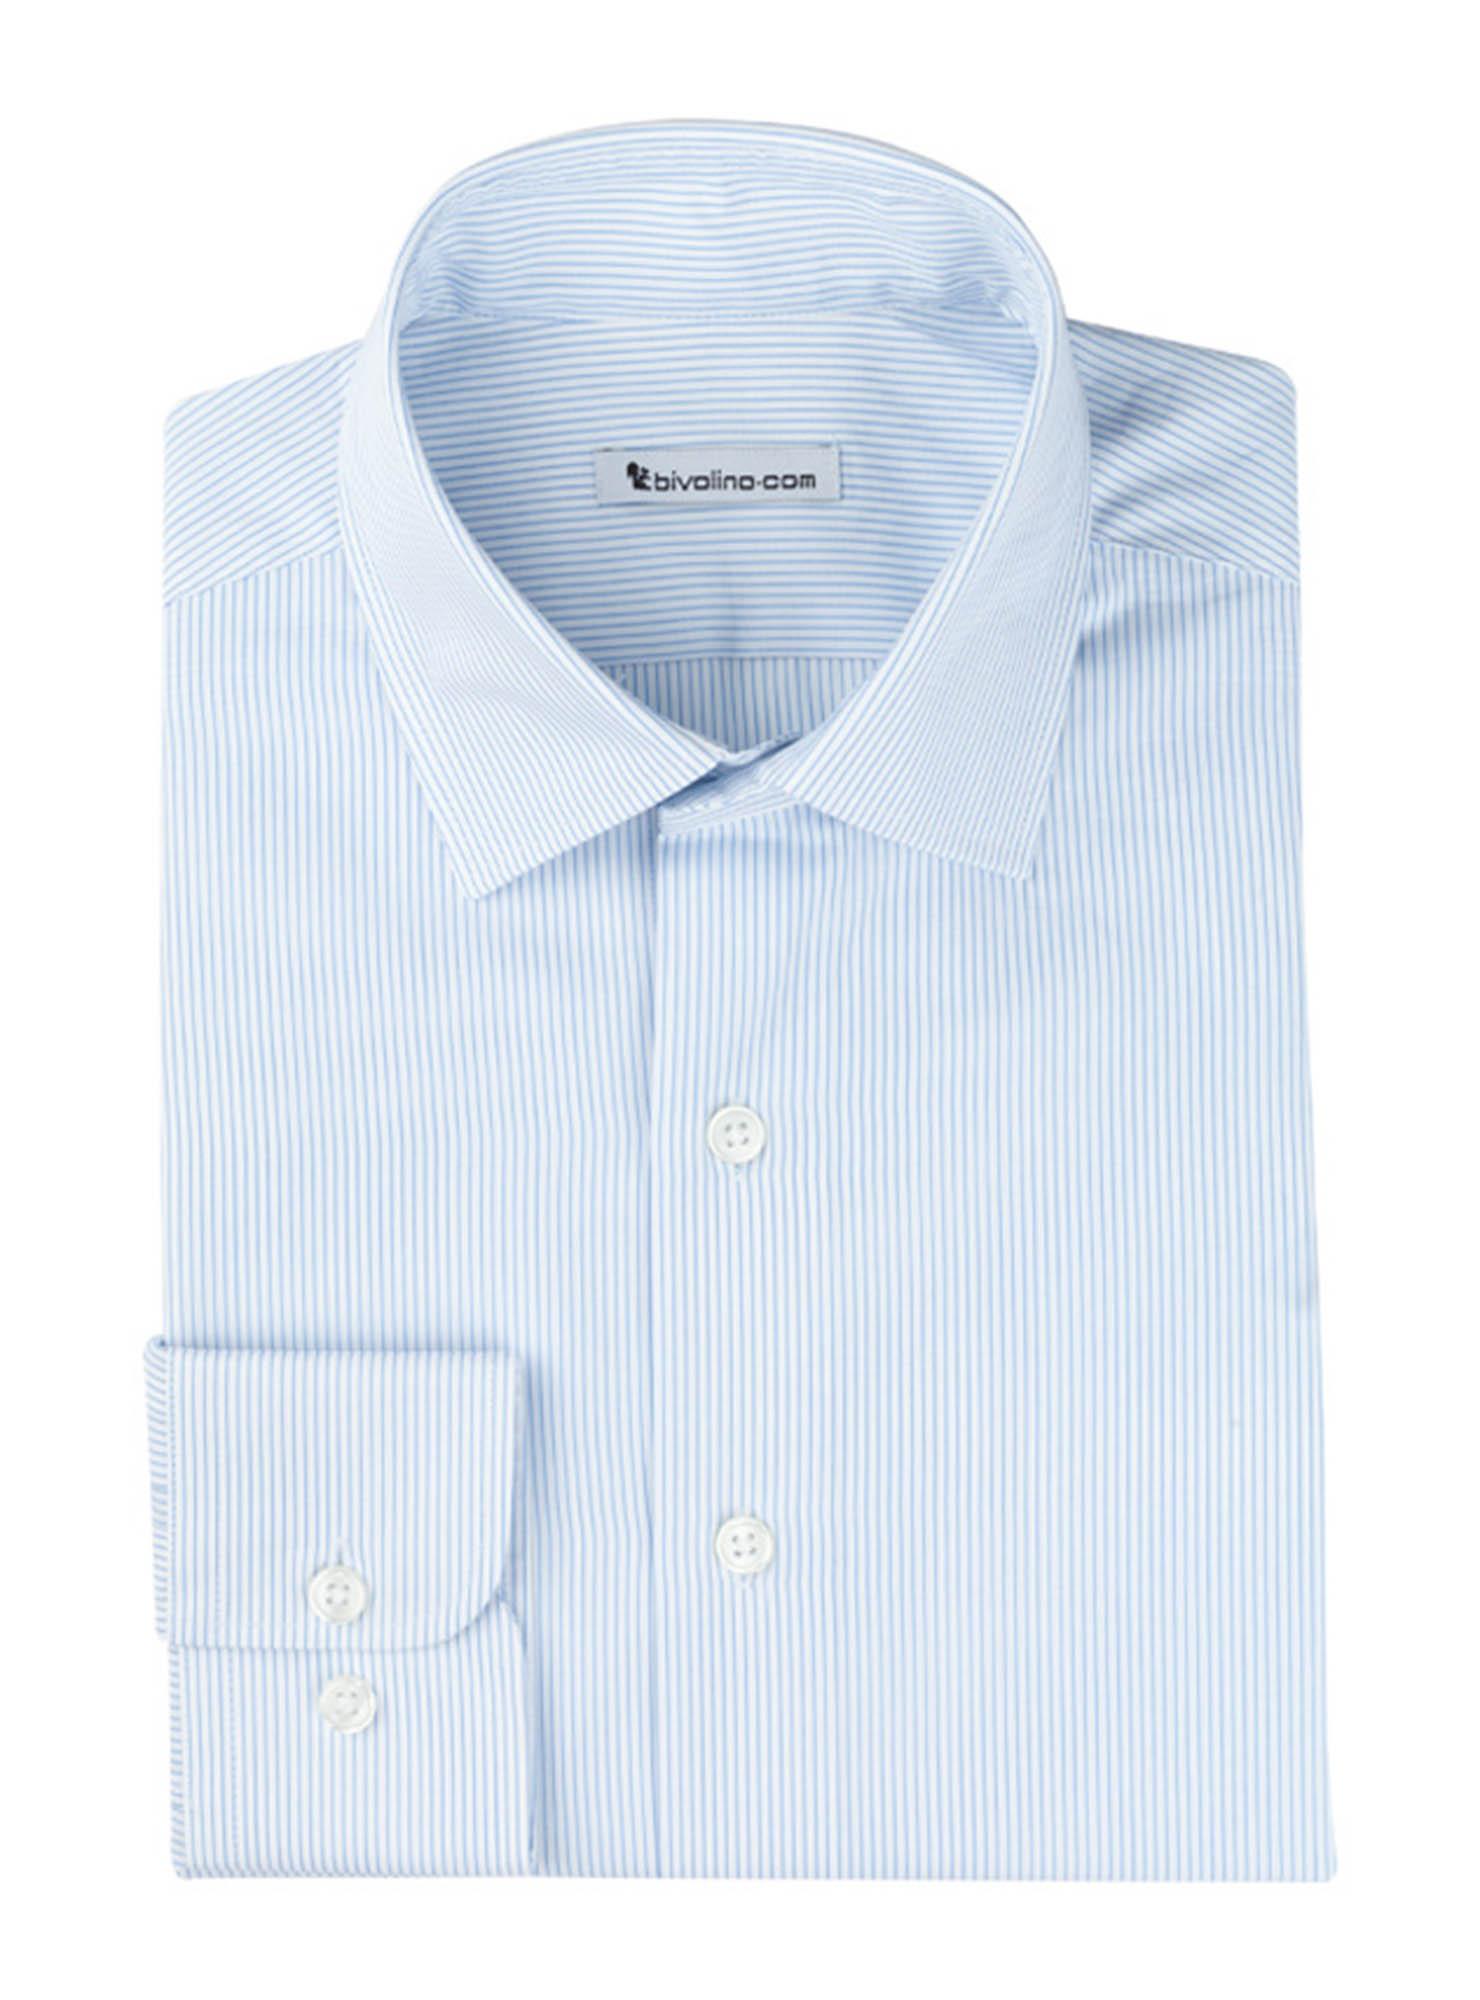 SEZZE - chemise homme coton double retors égyptien Thomas Mason - ORIS 1